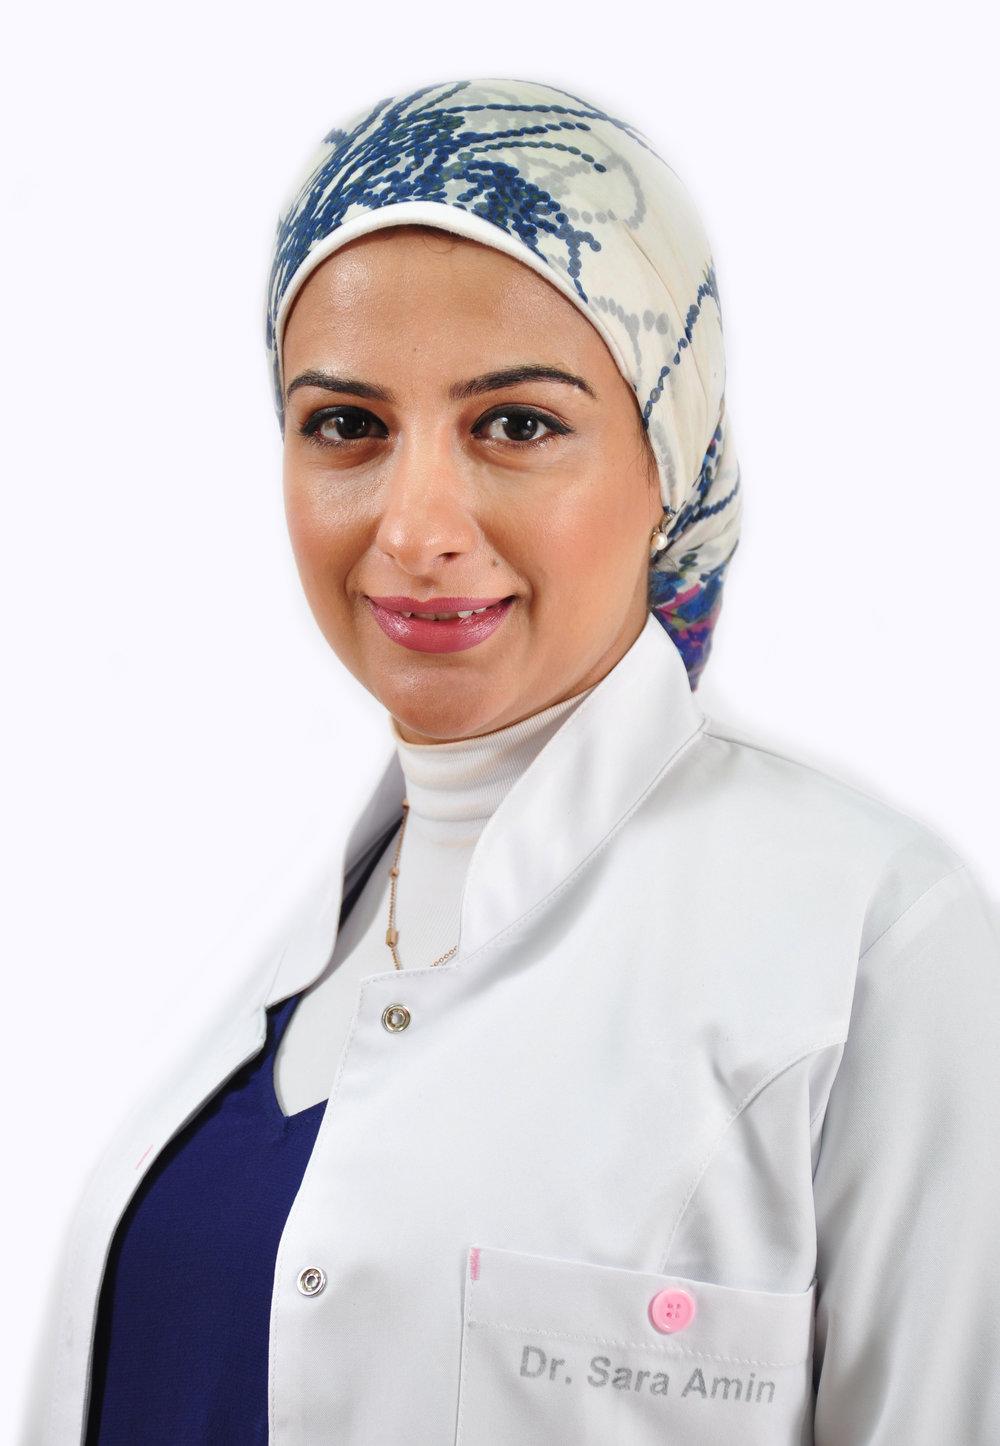 Dr Sara Amin